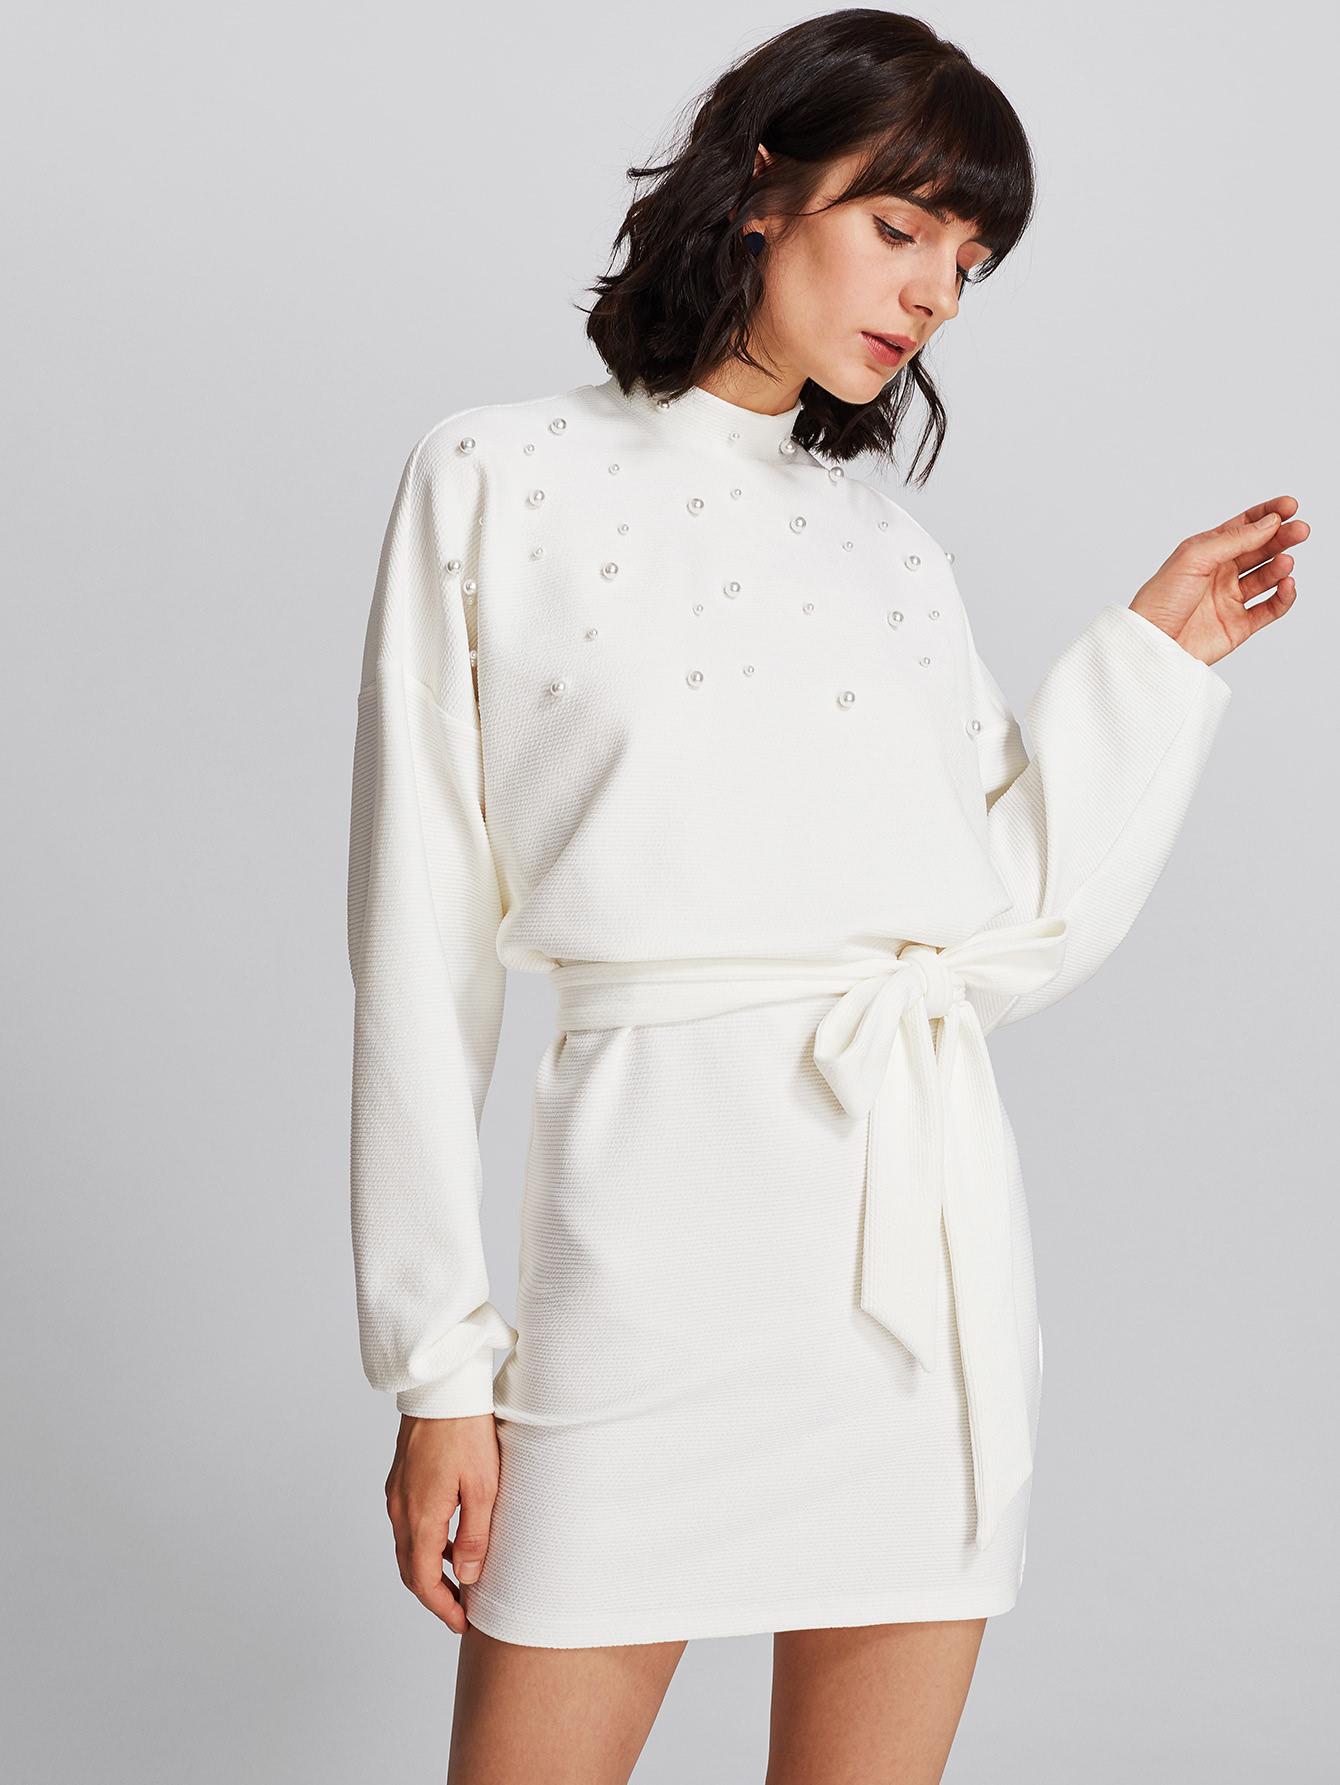 Pearl Embellished Self Belted Dolman Dress self belted solid dress